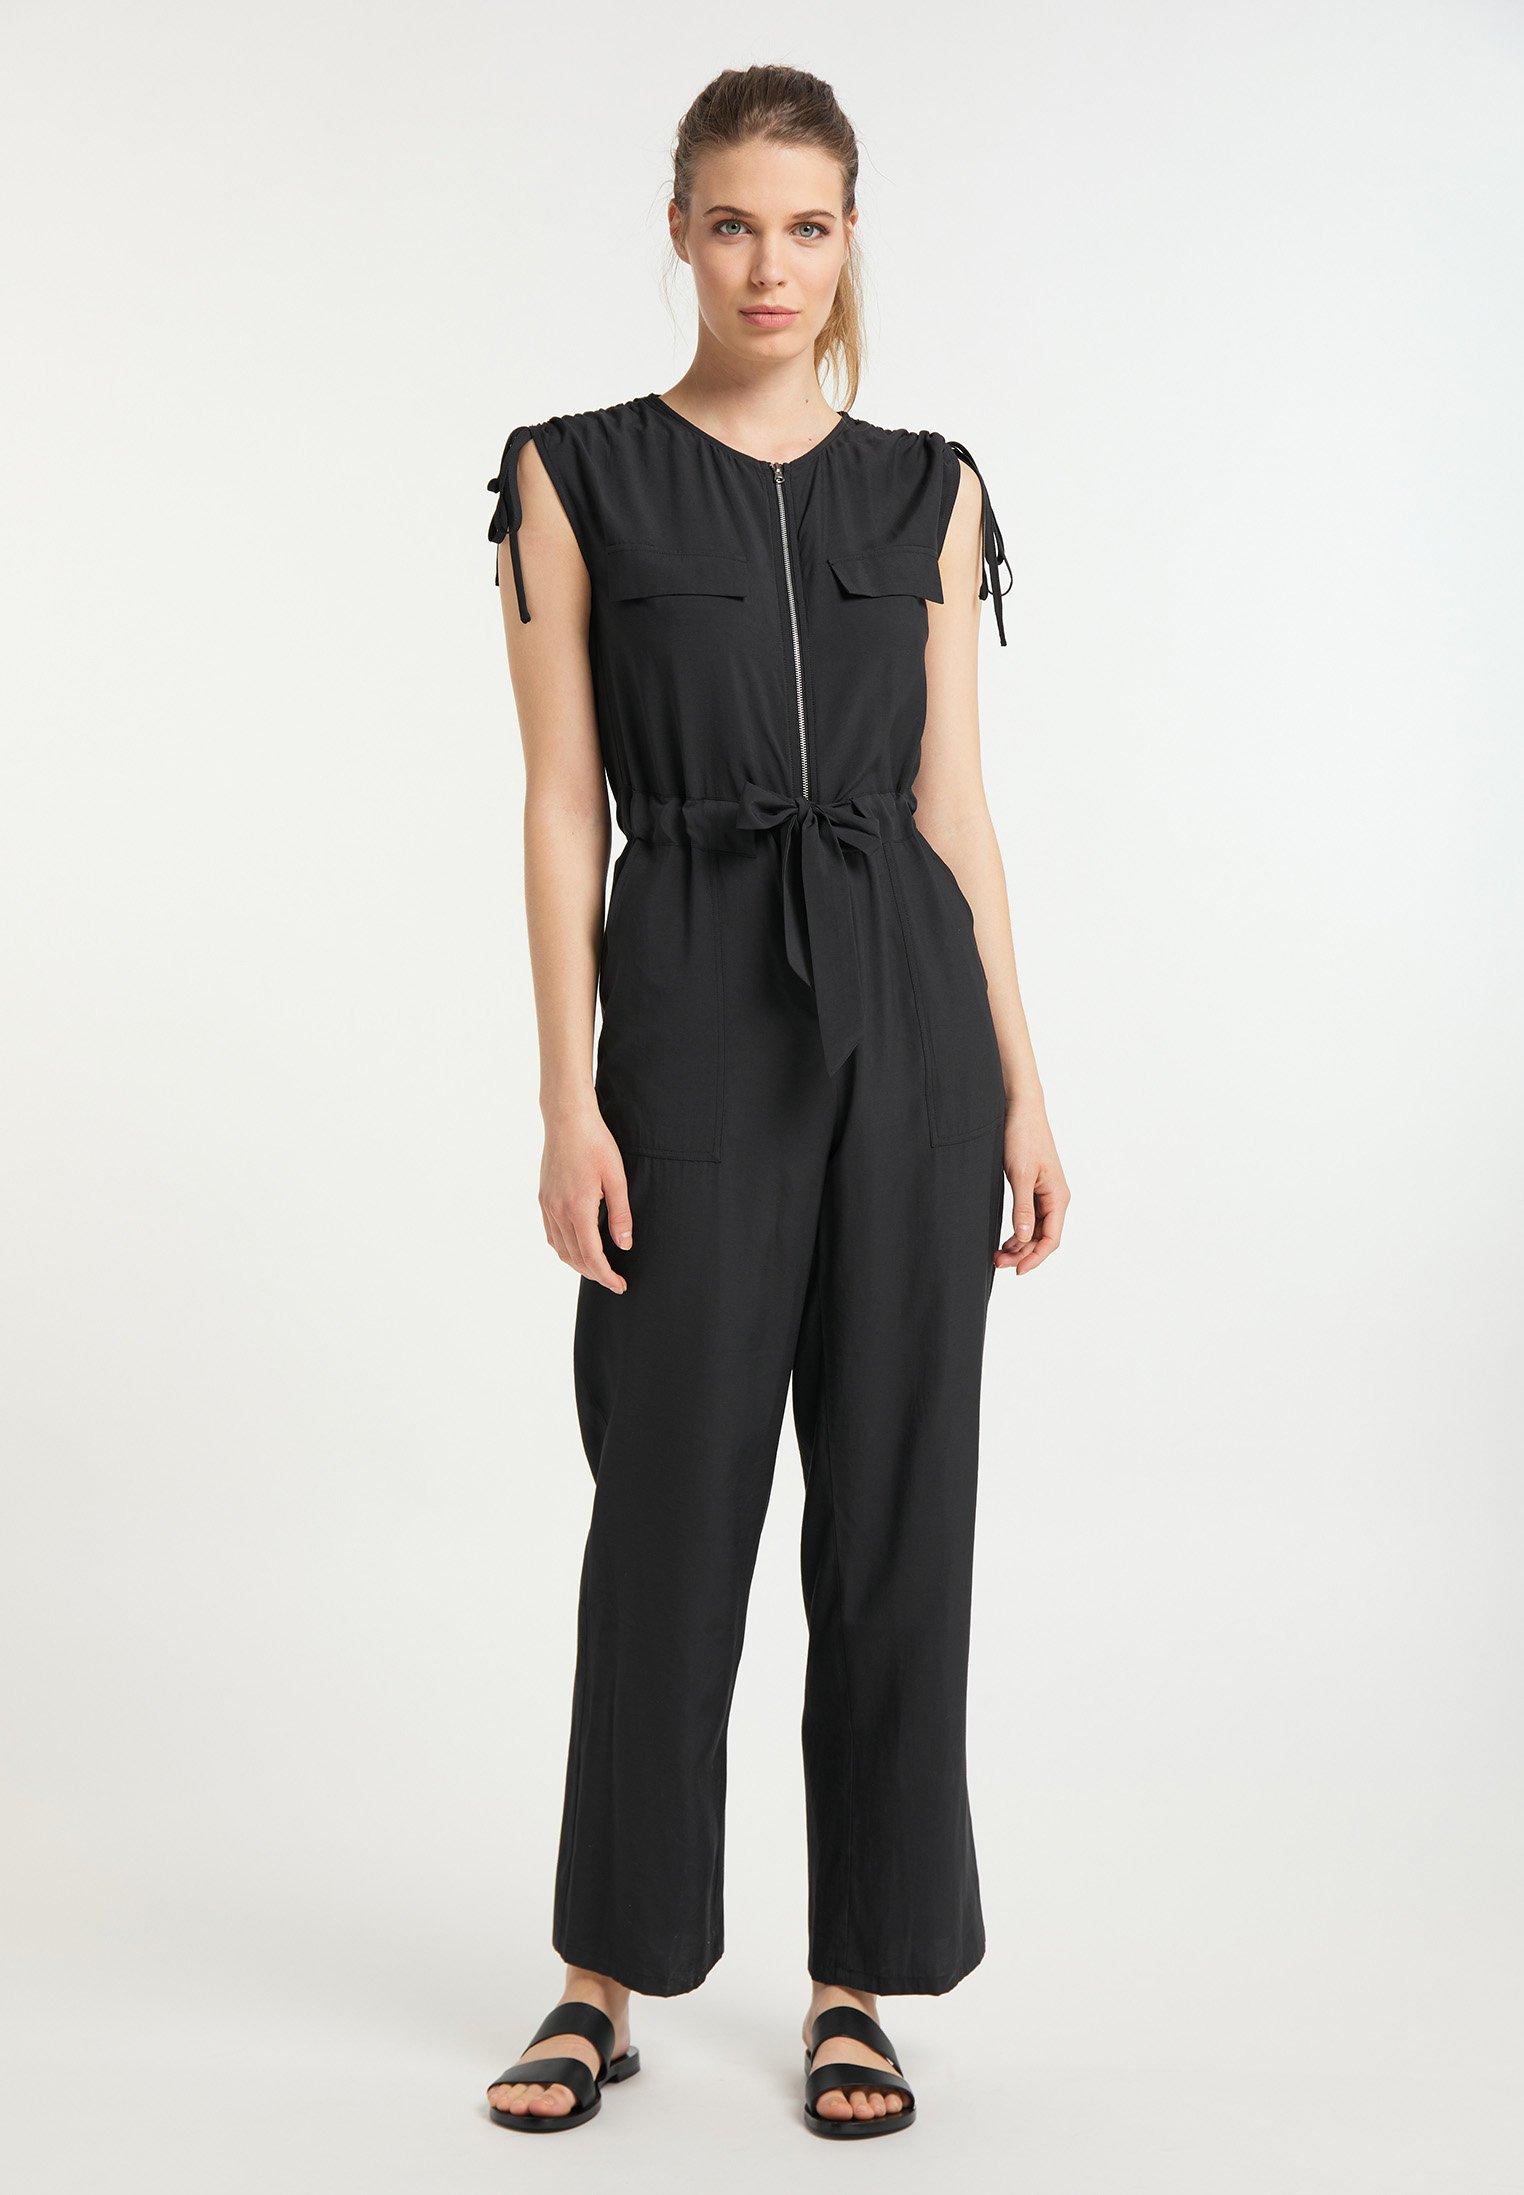 Super Women's Clothing usha Jumpsuit schwarz KWdzmlb3E